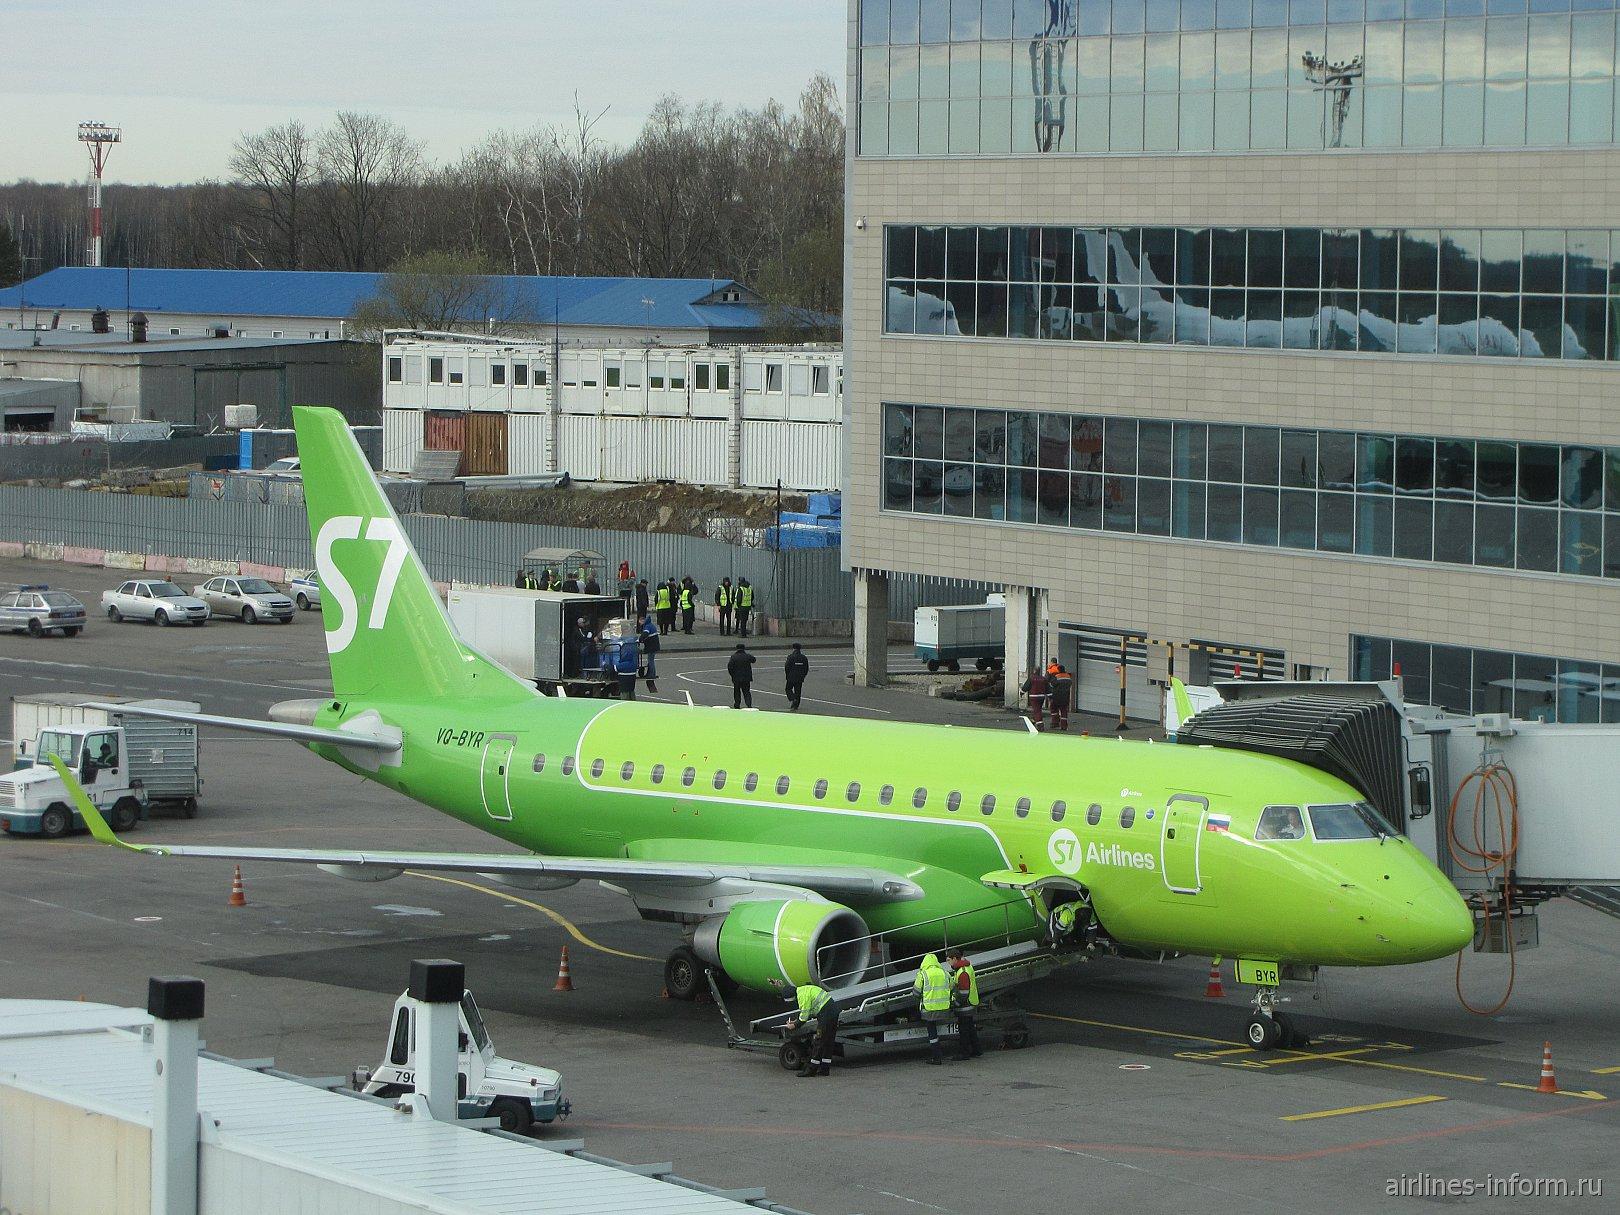 Embraer 170 авиакомпании S7 Airlines в аэропорту Домодедово